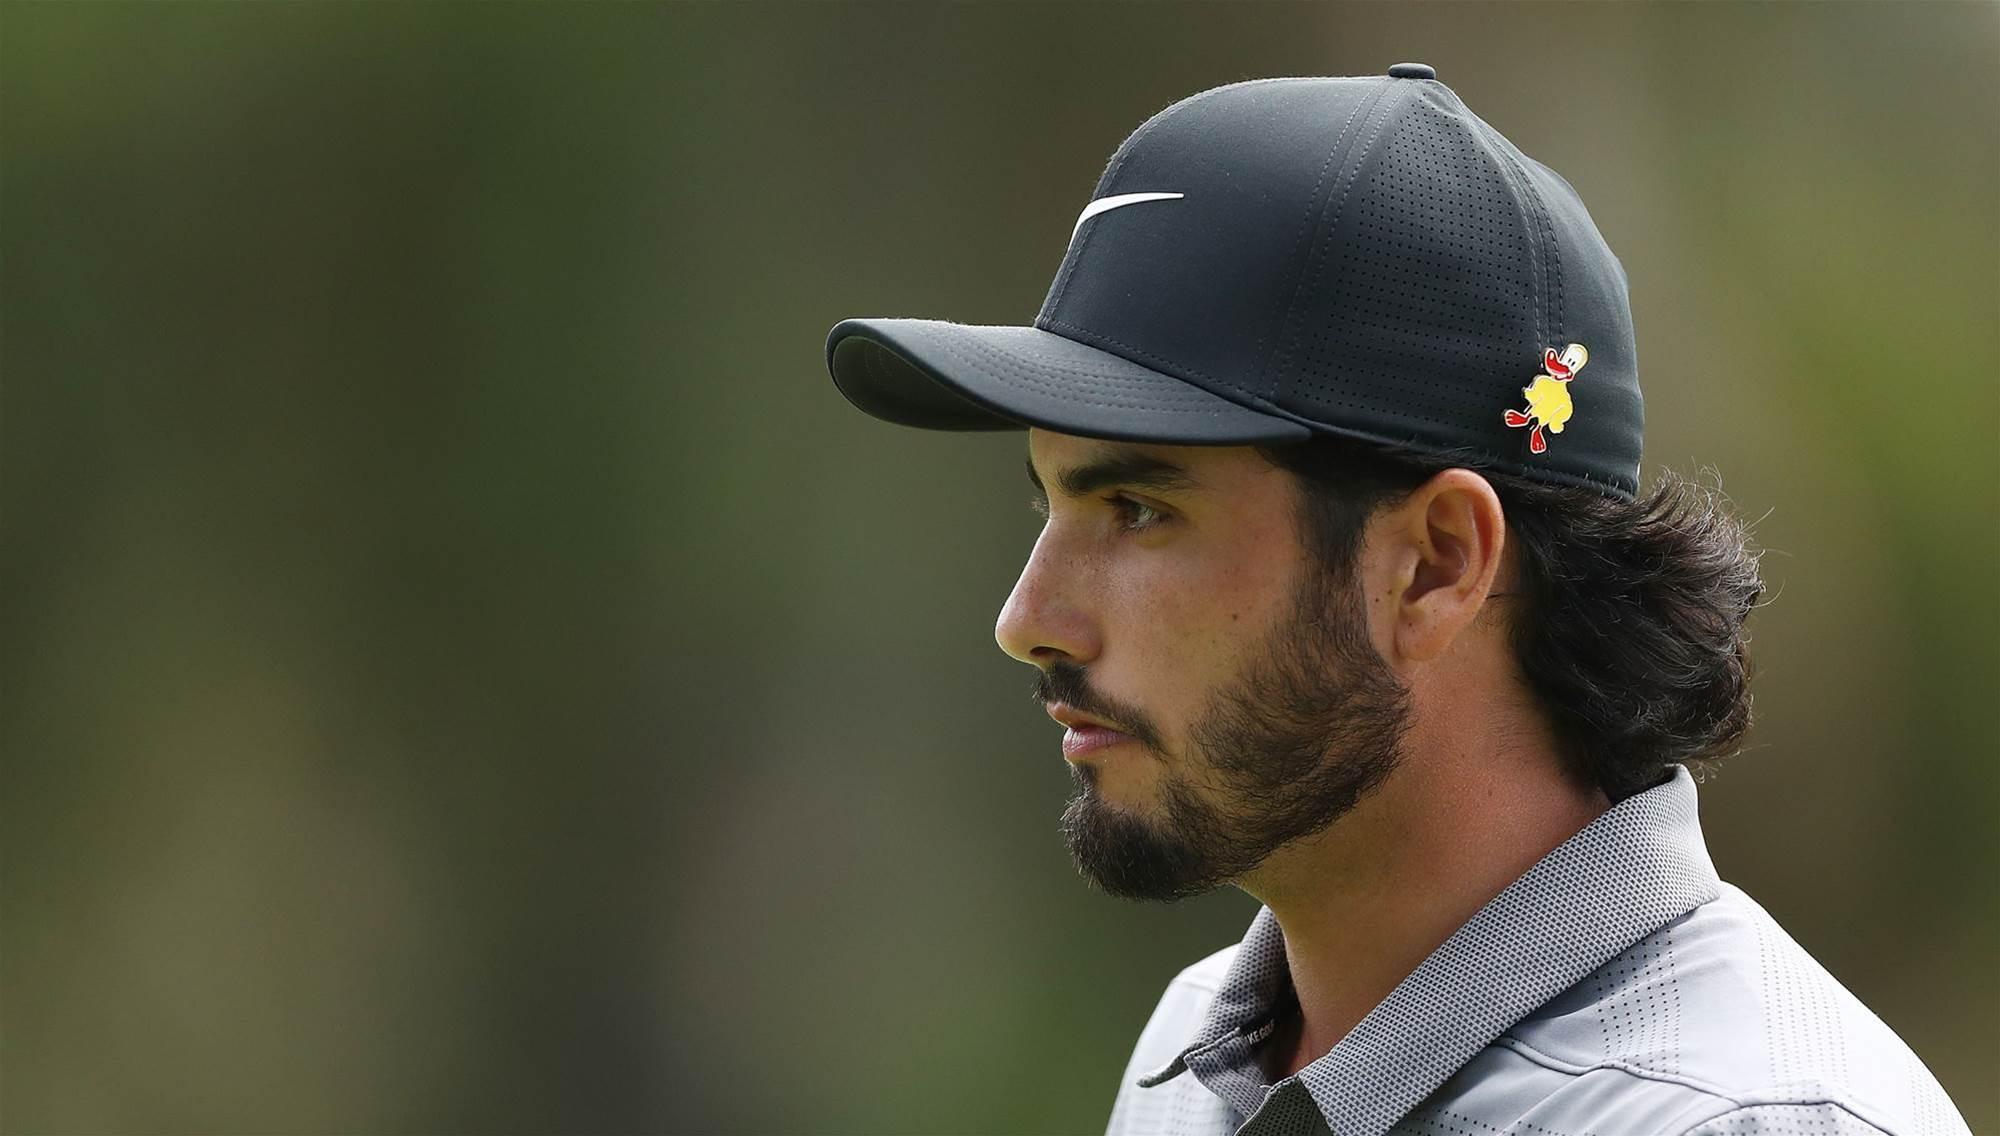 PGA officials target Aus Open champ